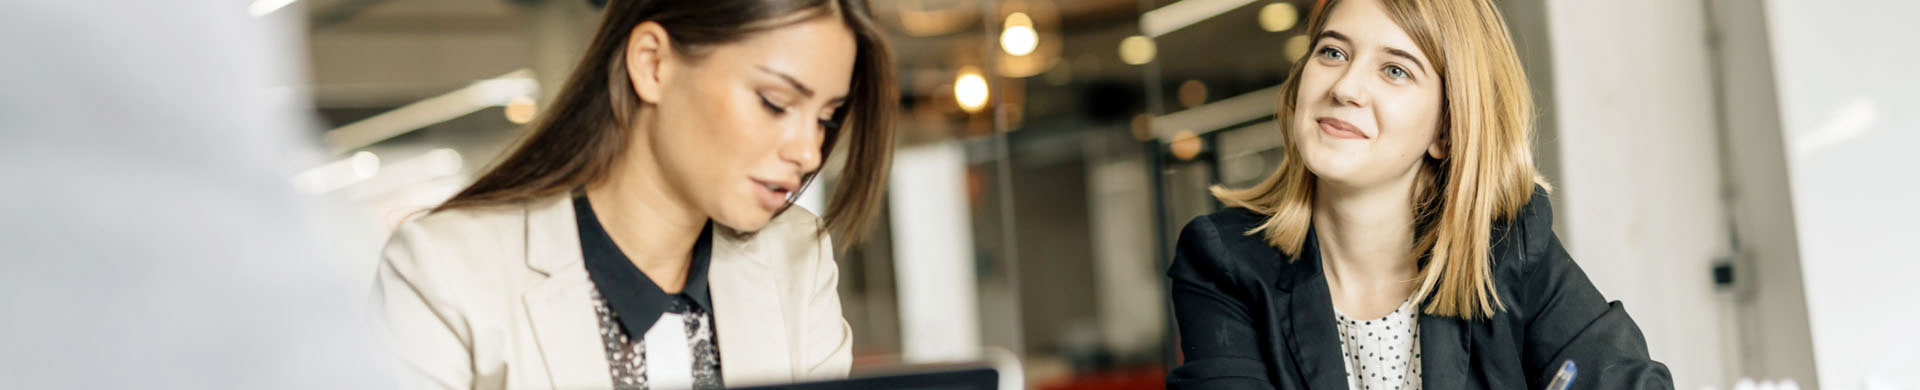 Tech jobs for women UK